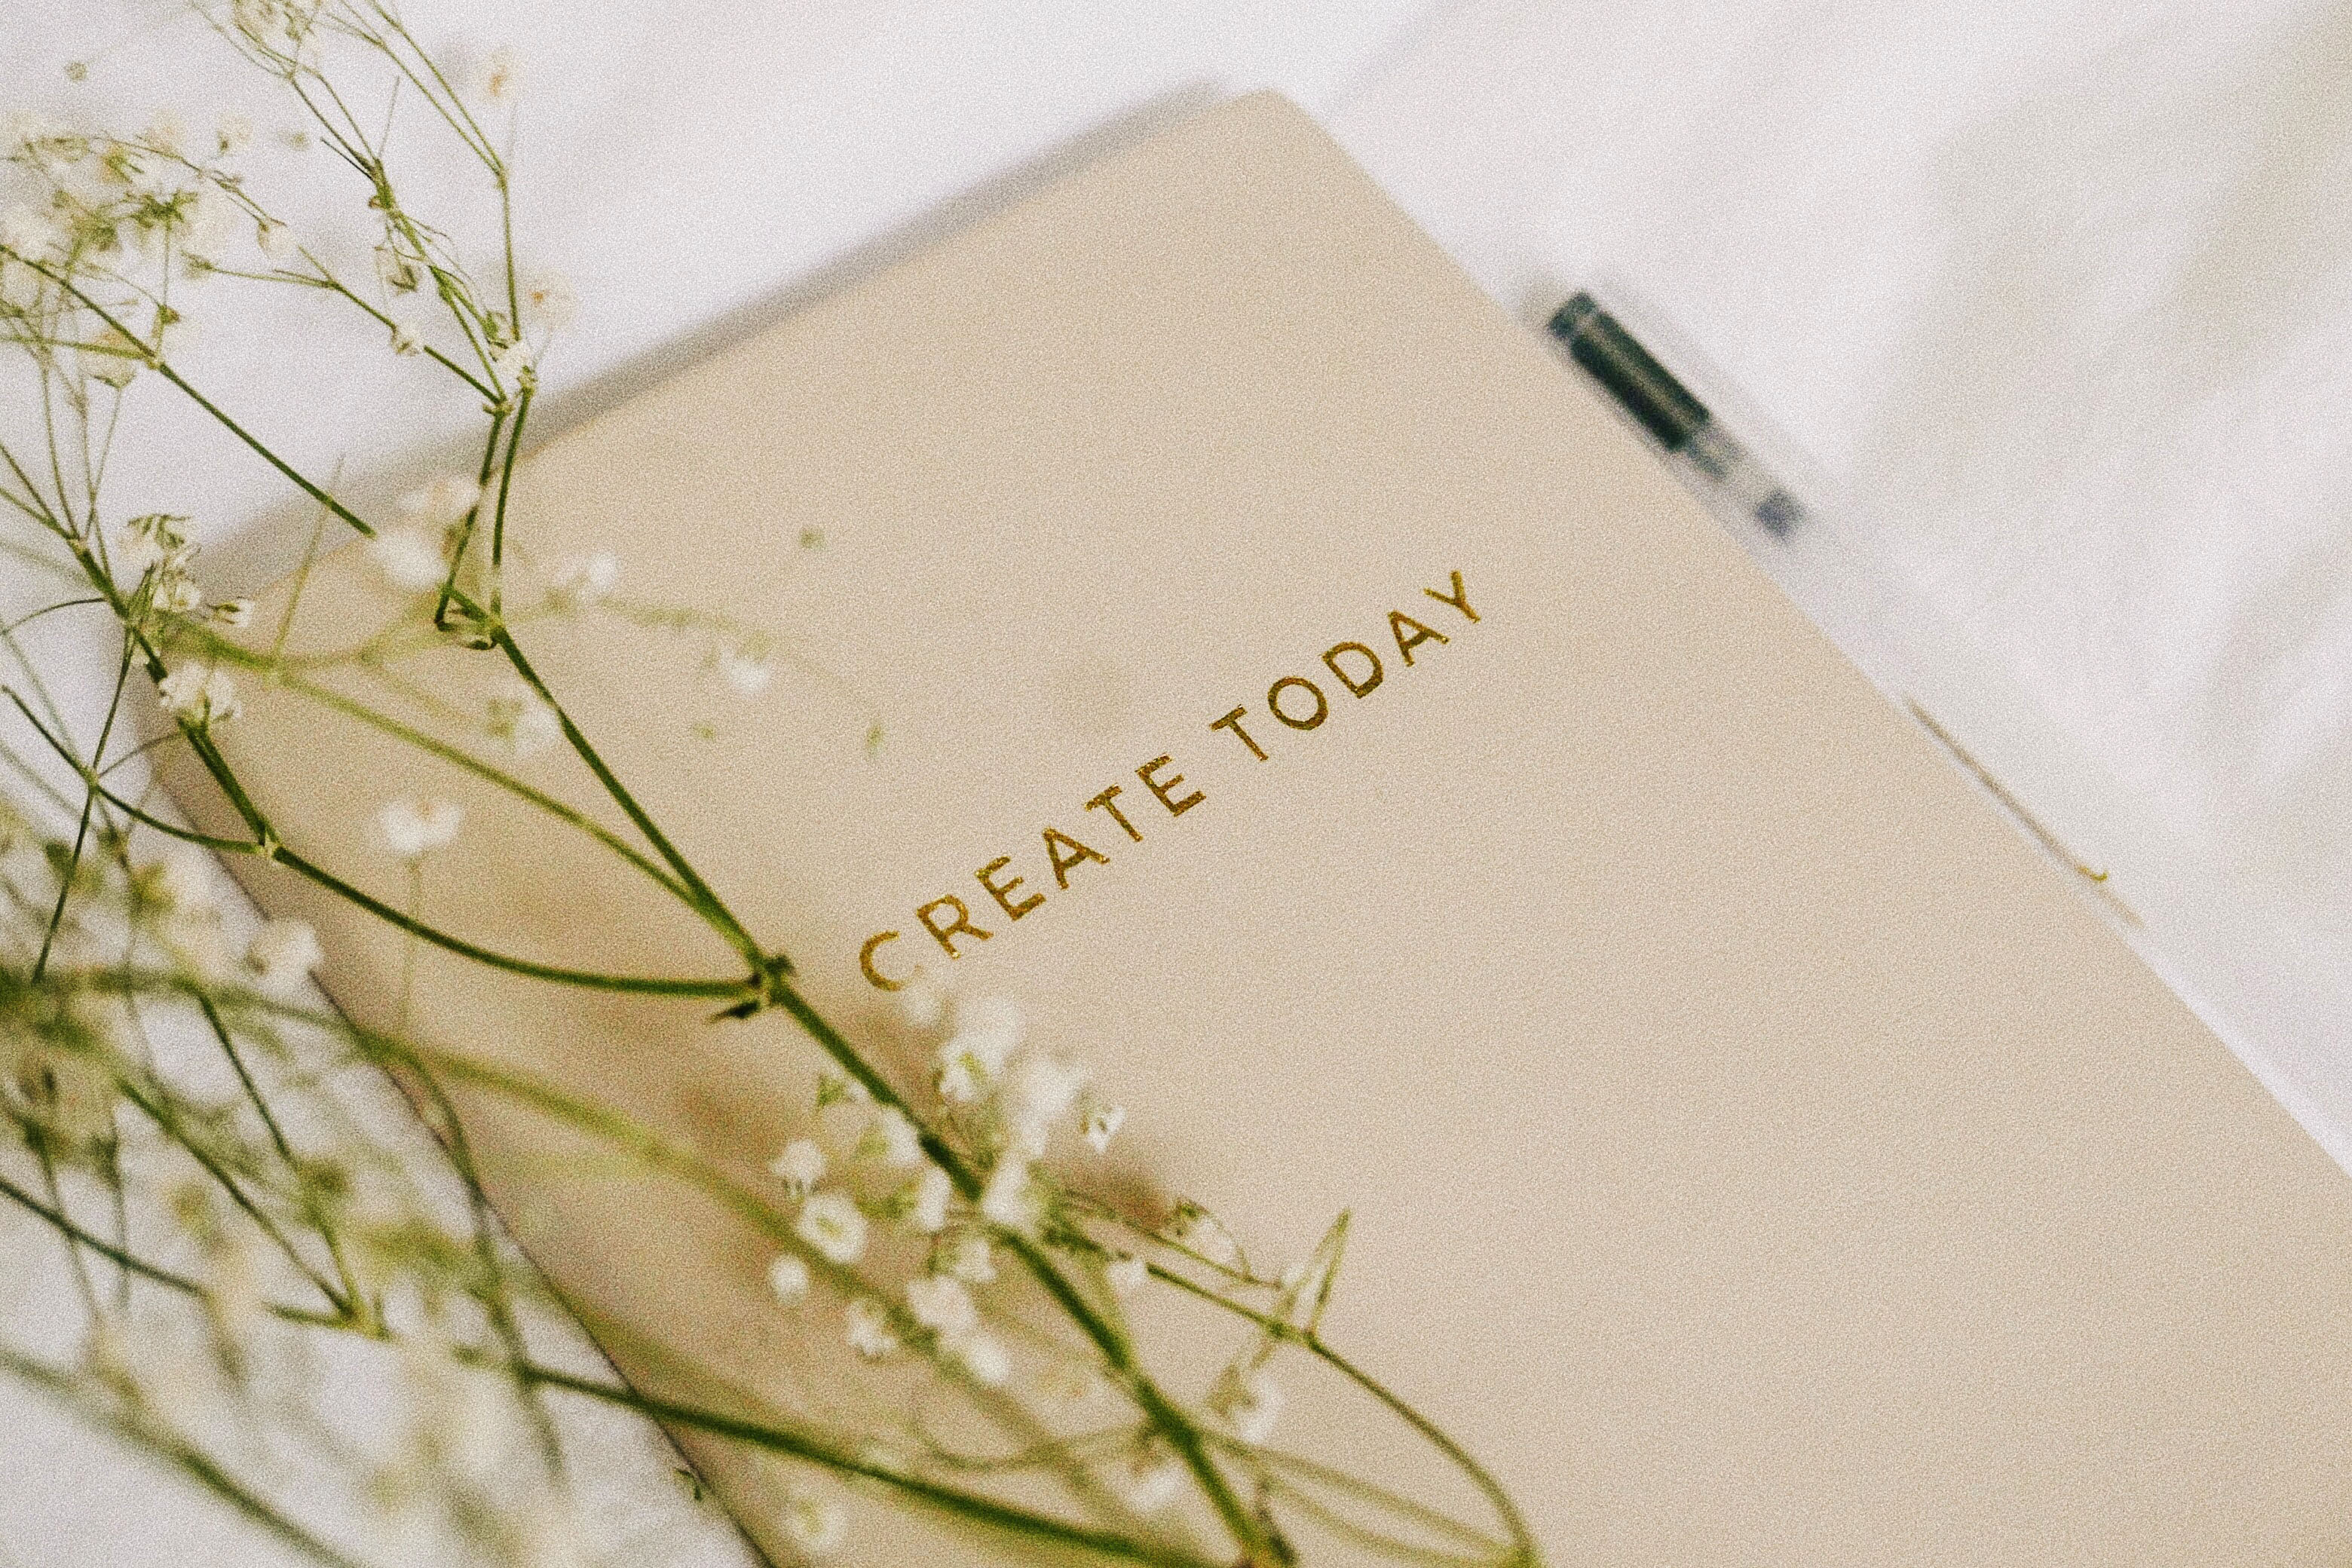 viết nhật ký buổi sáng